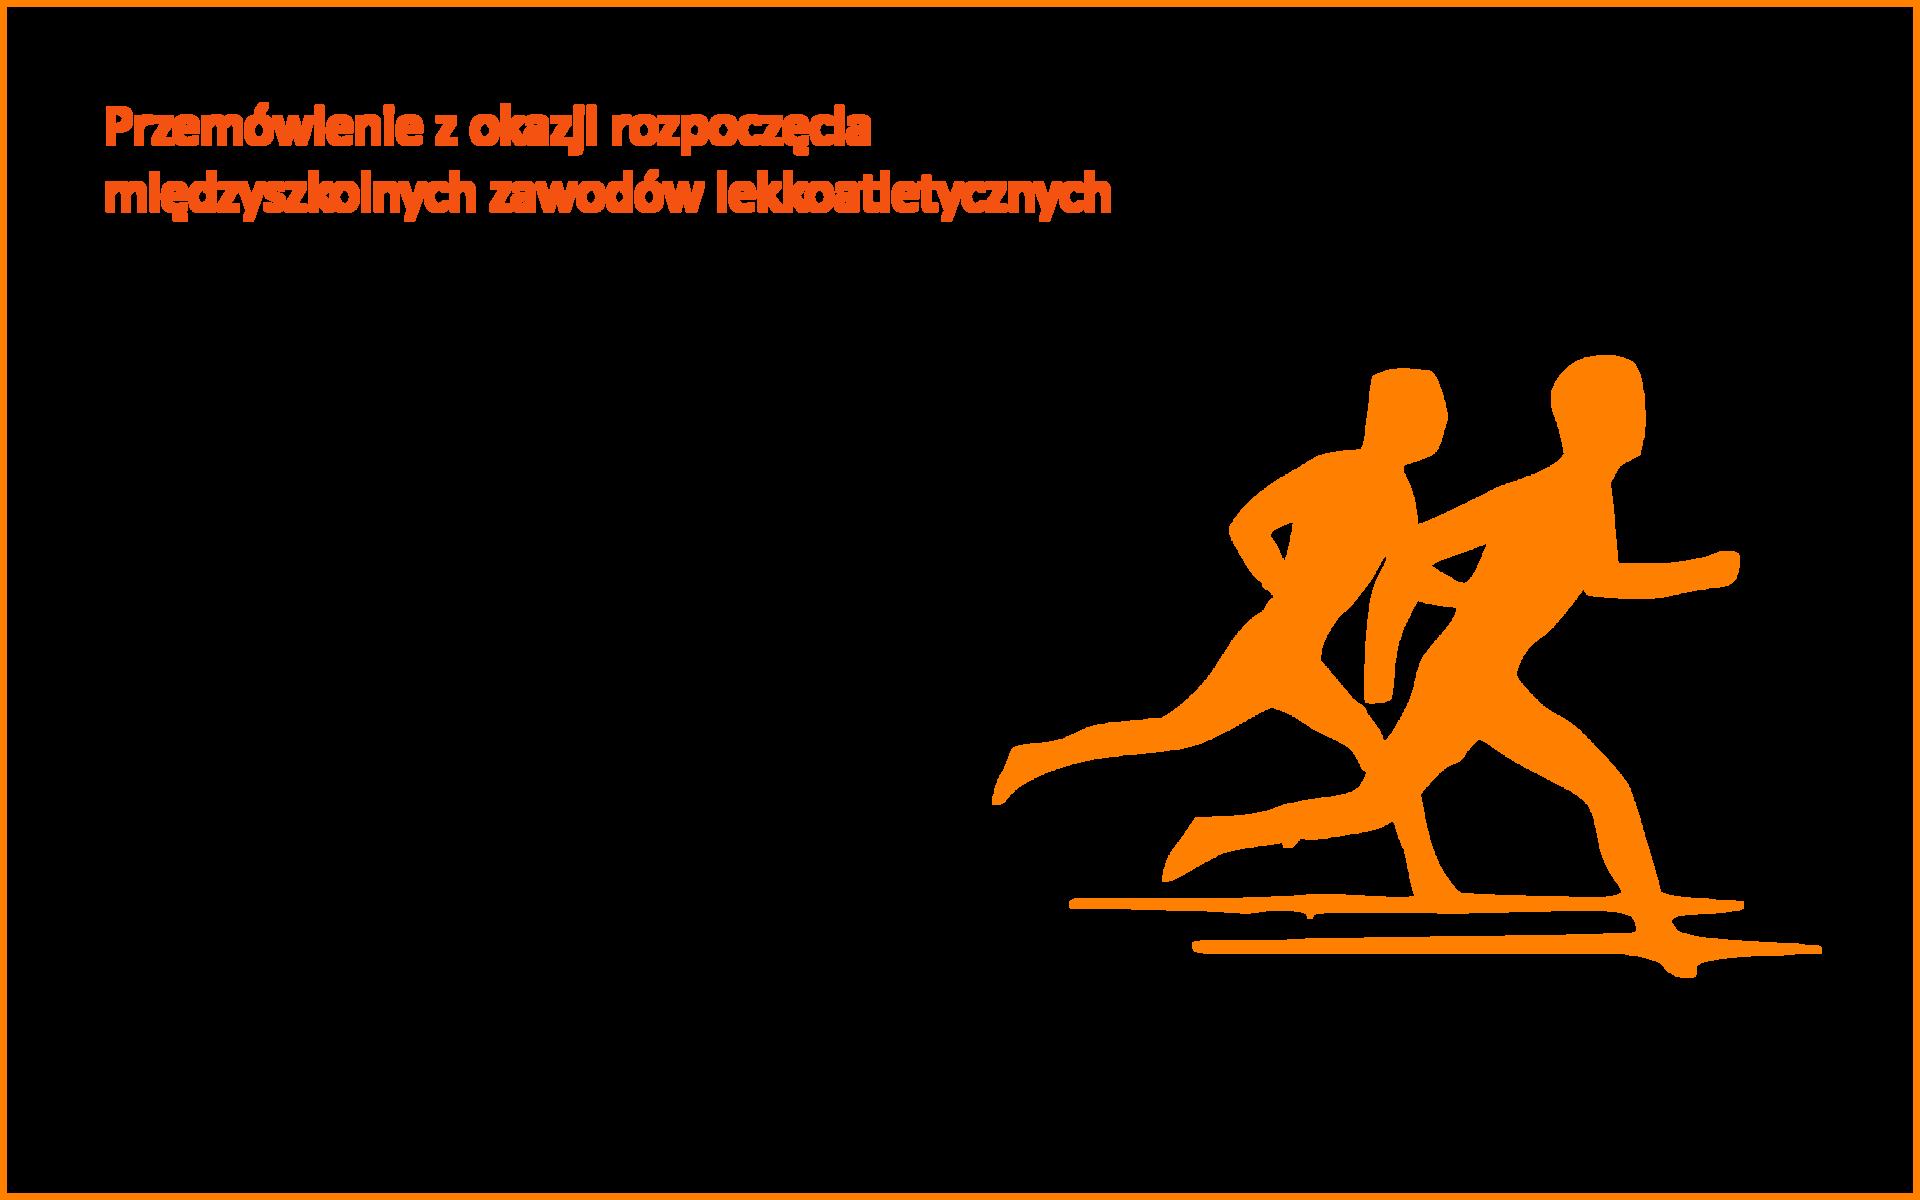 3. 3. Źródło: Contentplus.pl sp. zo.o., licencja: CC BY 4.0.